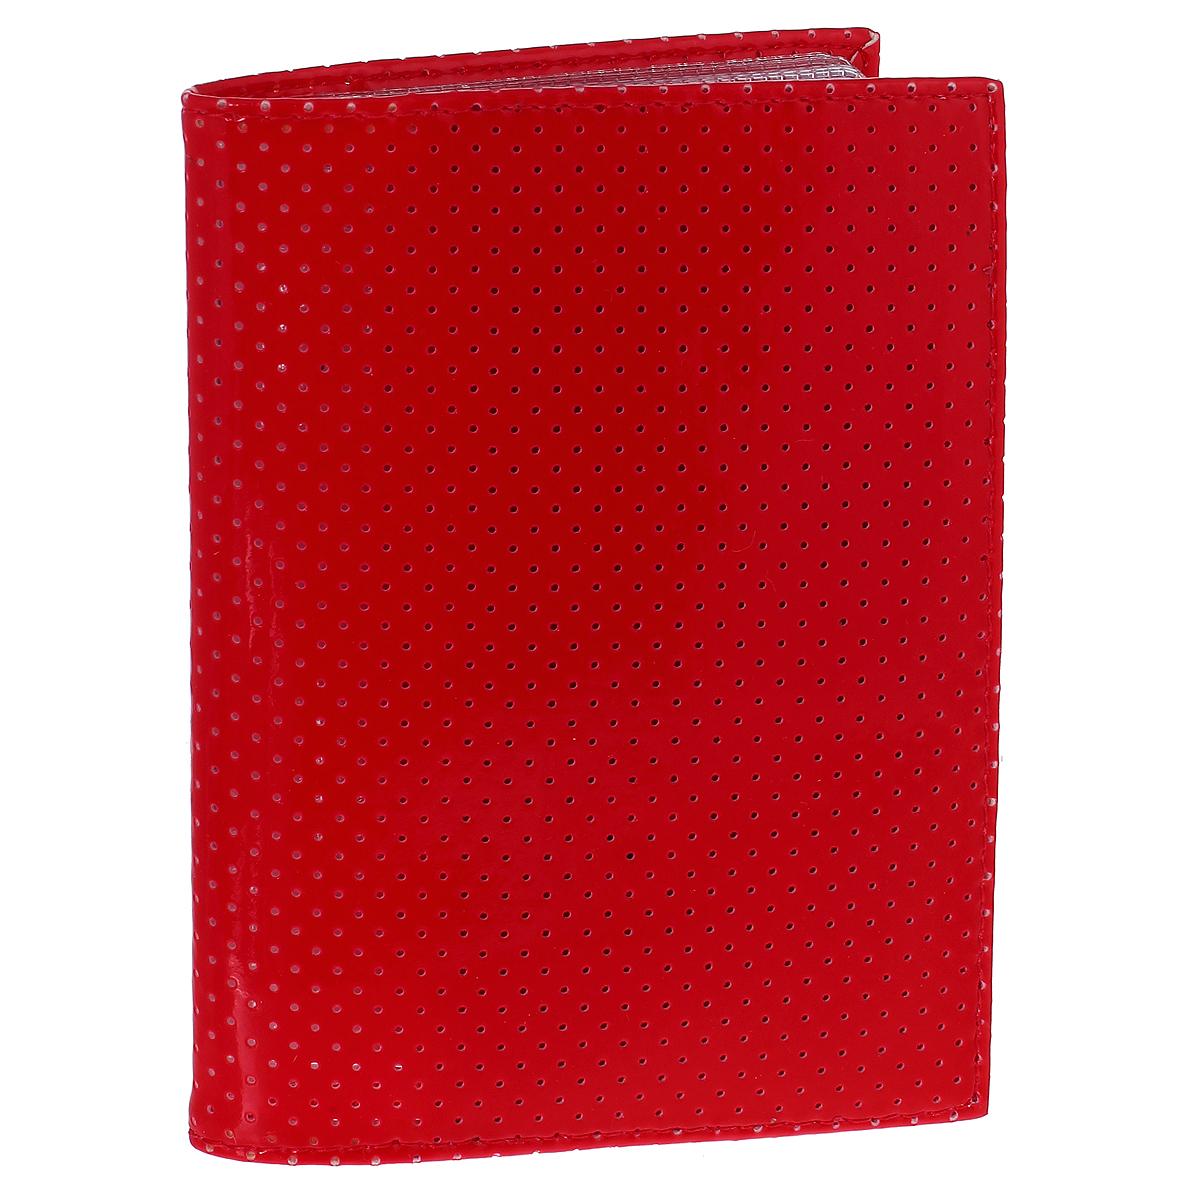 Бумажник водителя Dimanche, цвет: красный. 229/10TF 222-091Бумажник водителя Dimanche изготовлен из искусственной лакированной кожи красного цвета, оформленной мелкой перфорацией. Внутри содержится съемный блок из пяти прозрачных пластиковых файлов. Также имеется четыре кармашка для пластиковых карт и гнездо для сим-карты. Стильный бумажник не только поможет сохранить внешний вид ваших документов и защити их от грязи и пыли, но и станет стильным аксессуаром, идеально подходящим вашему образу.